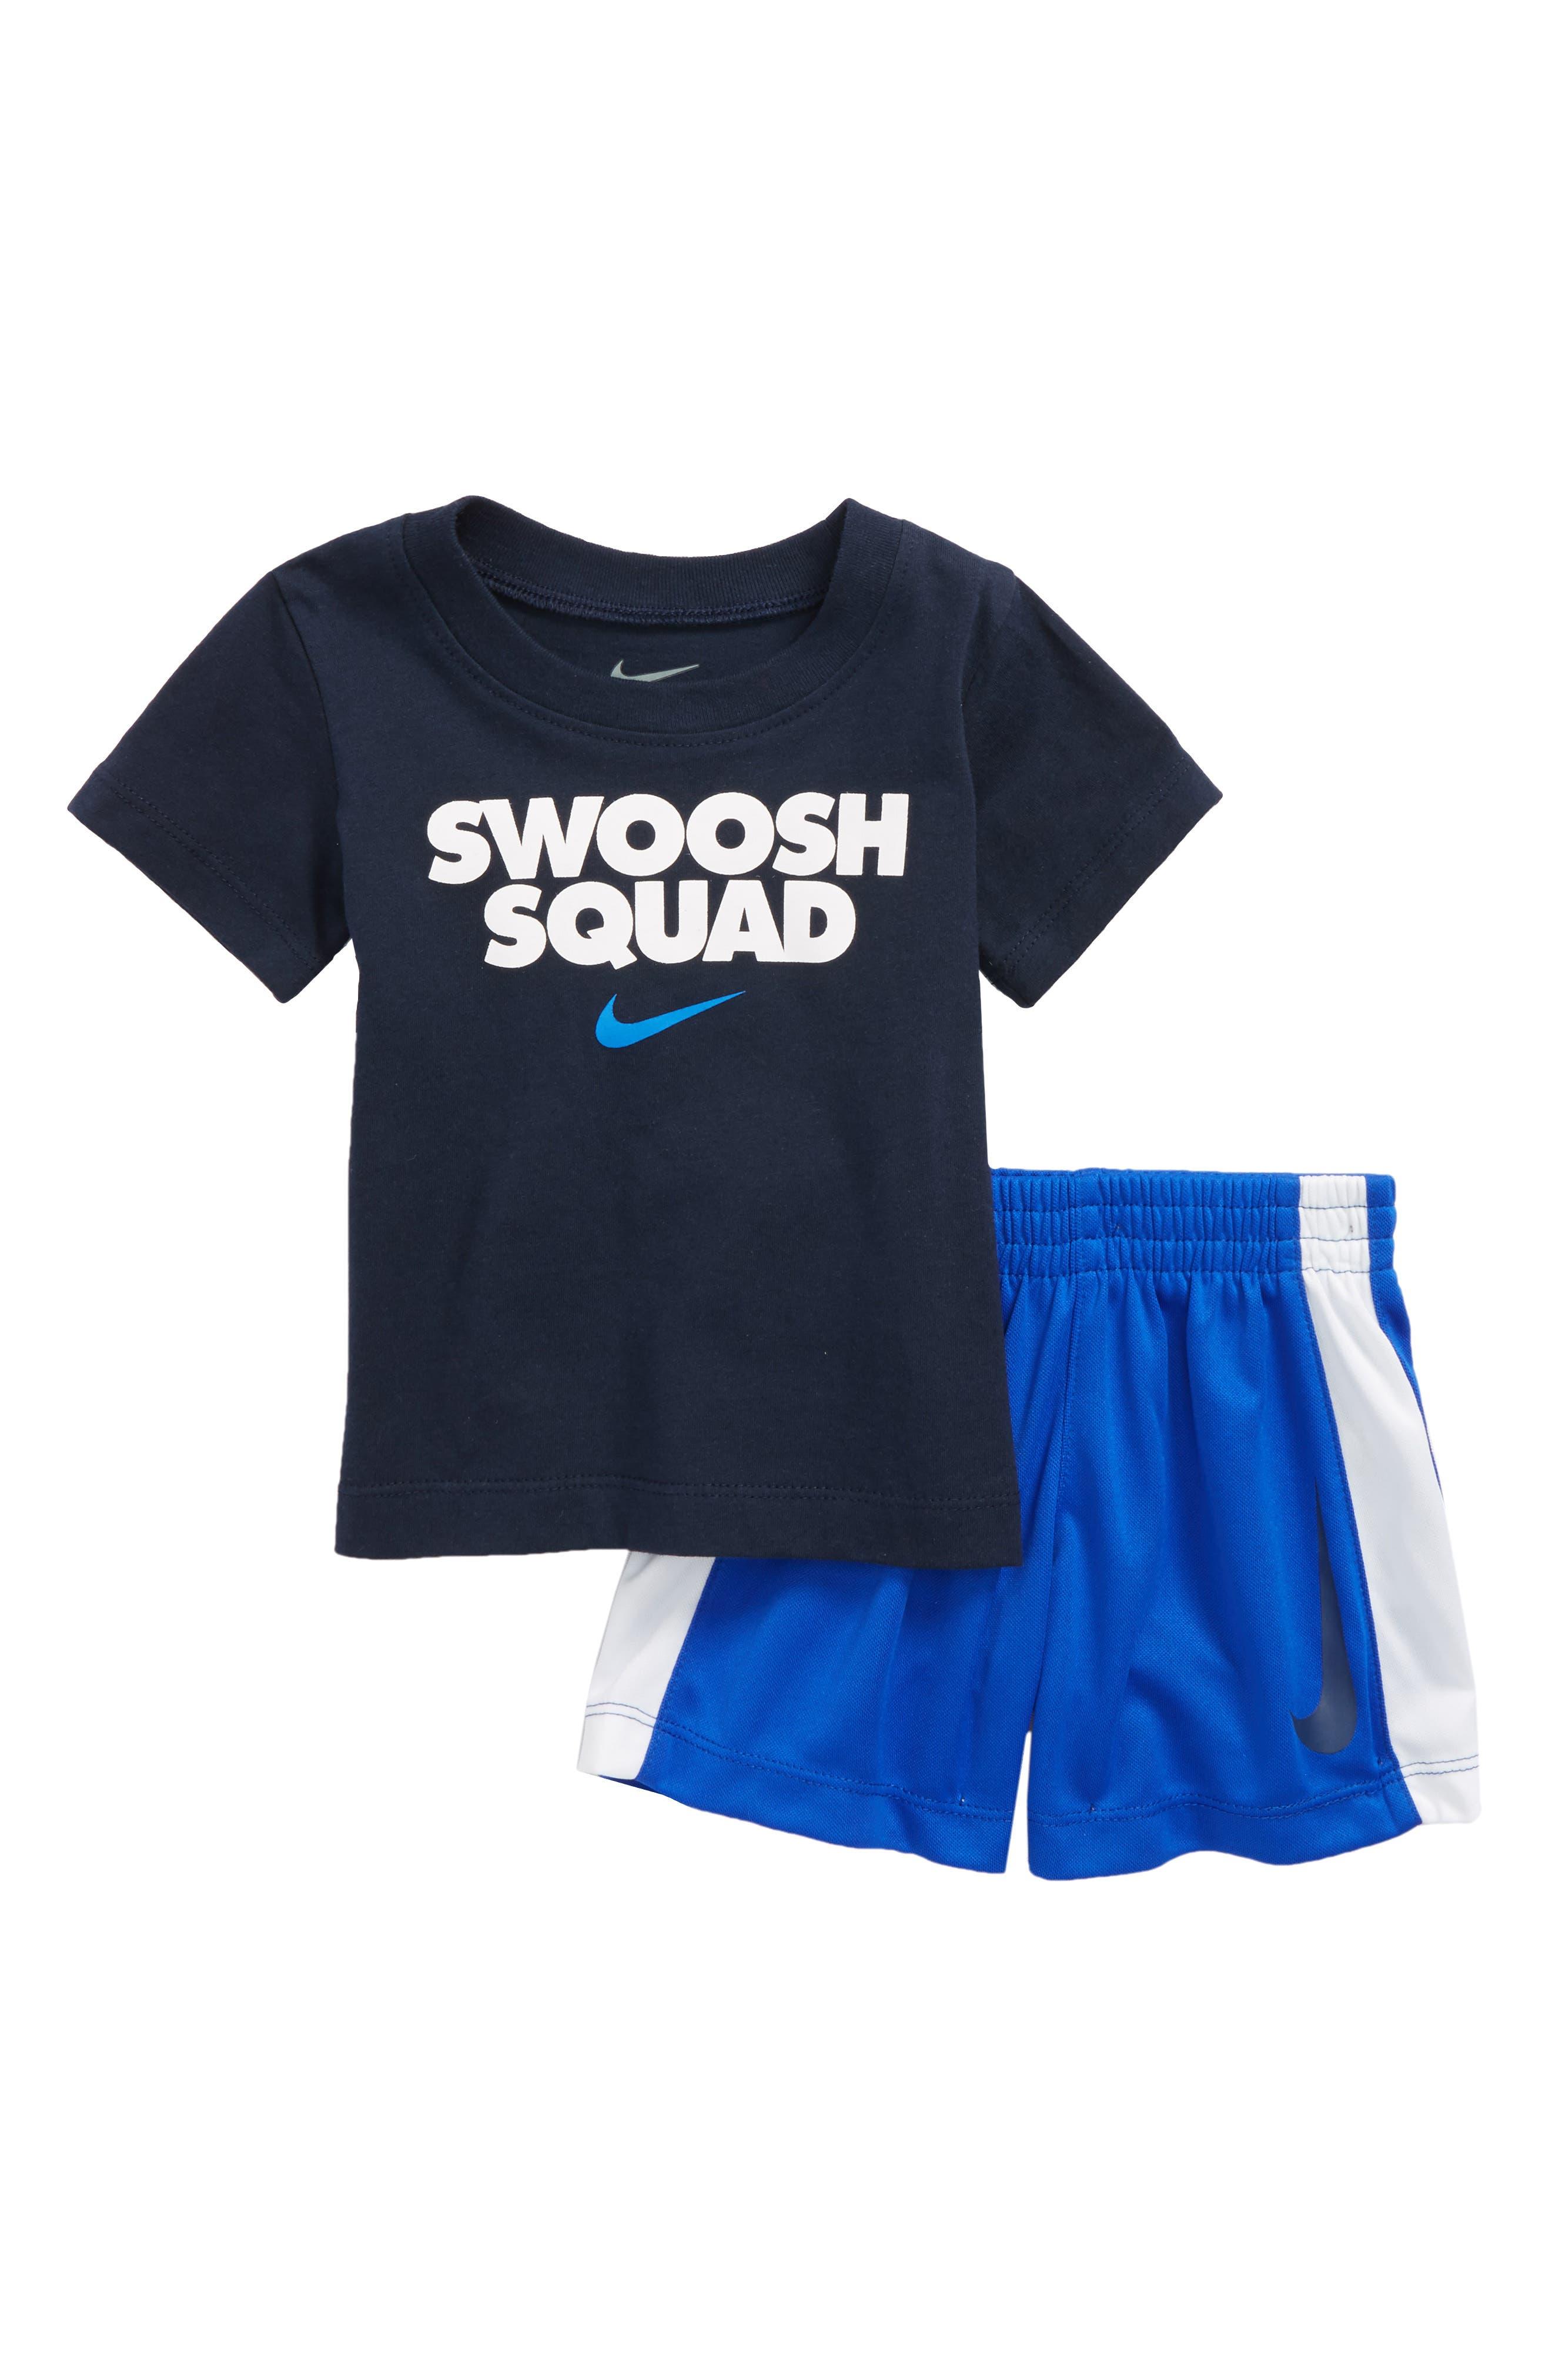 Swoosh Squad T-Shirt & Shorts Set,                             Main thumbnail 1, color,                             Hyper Royal